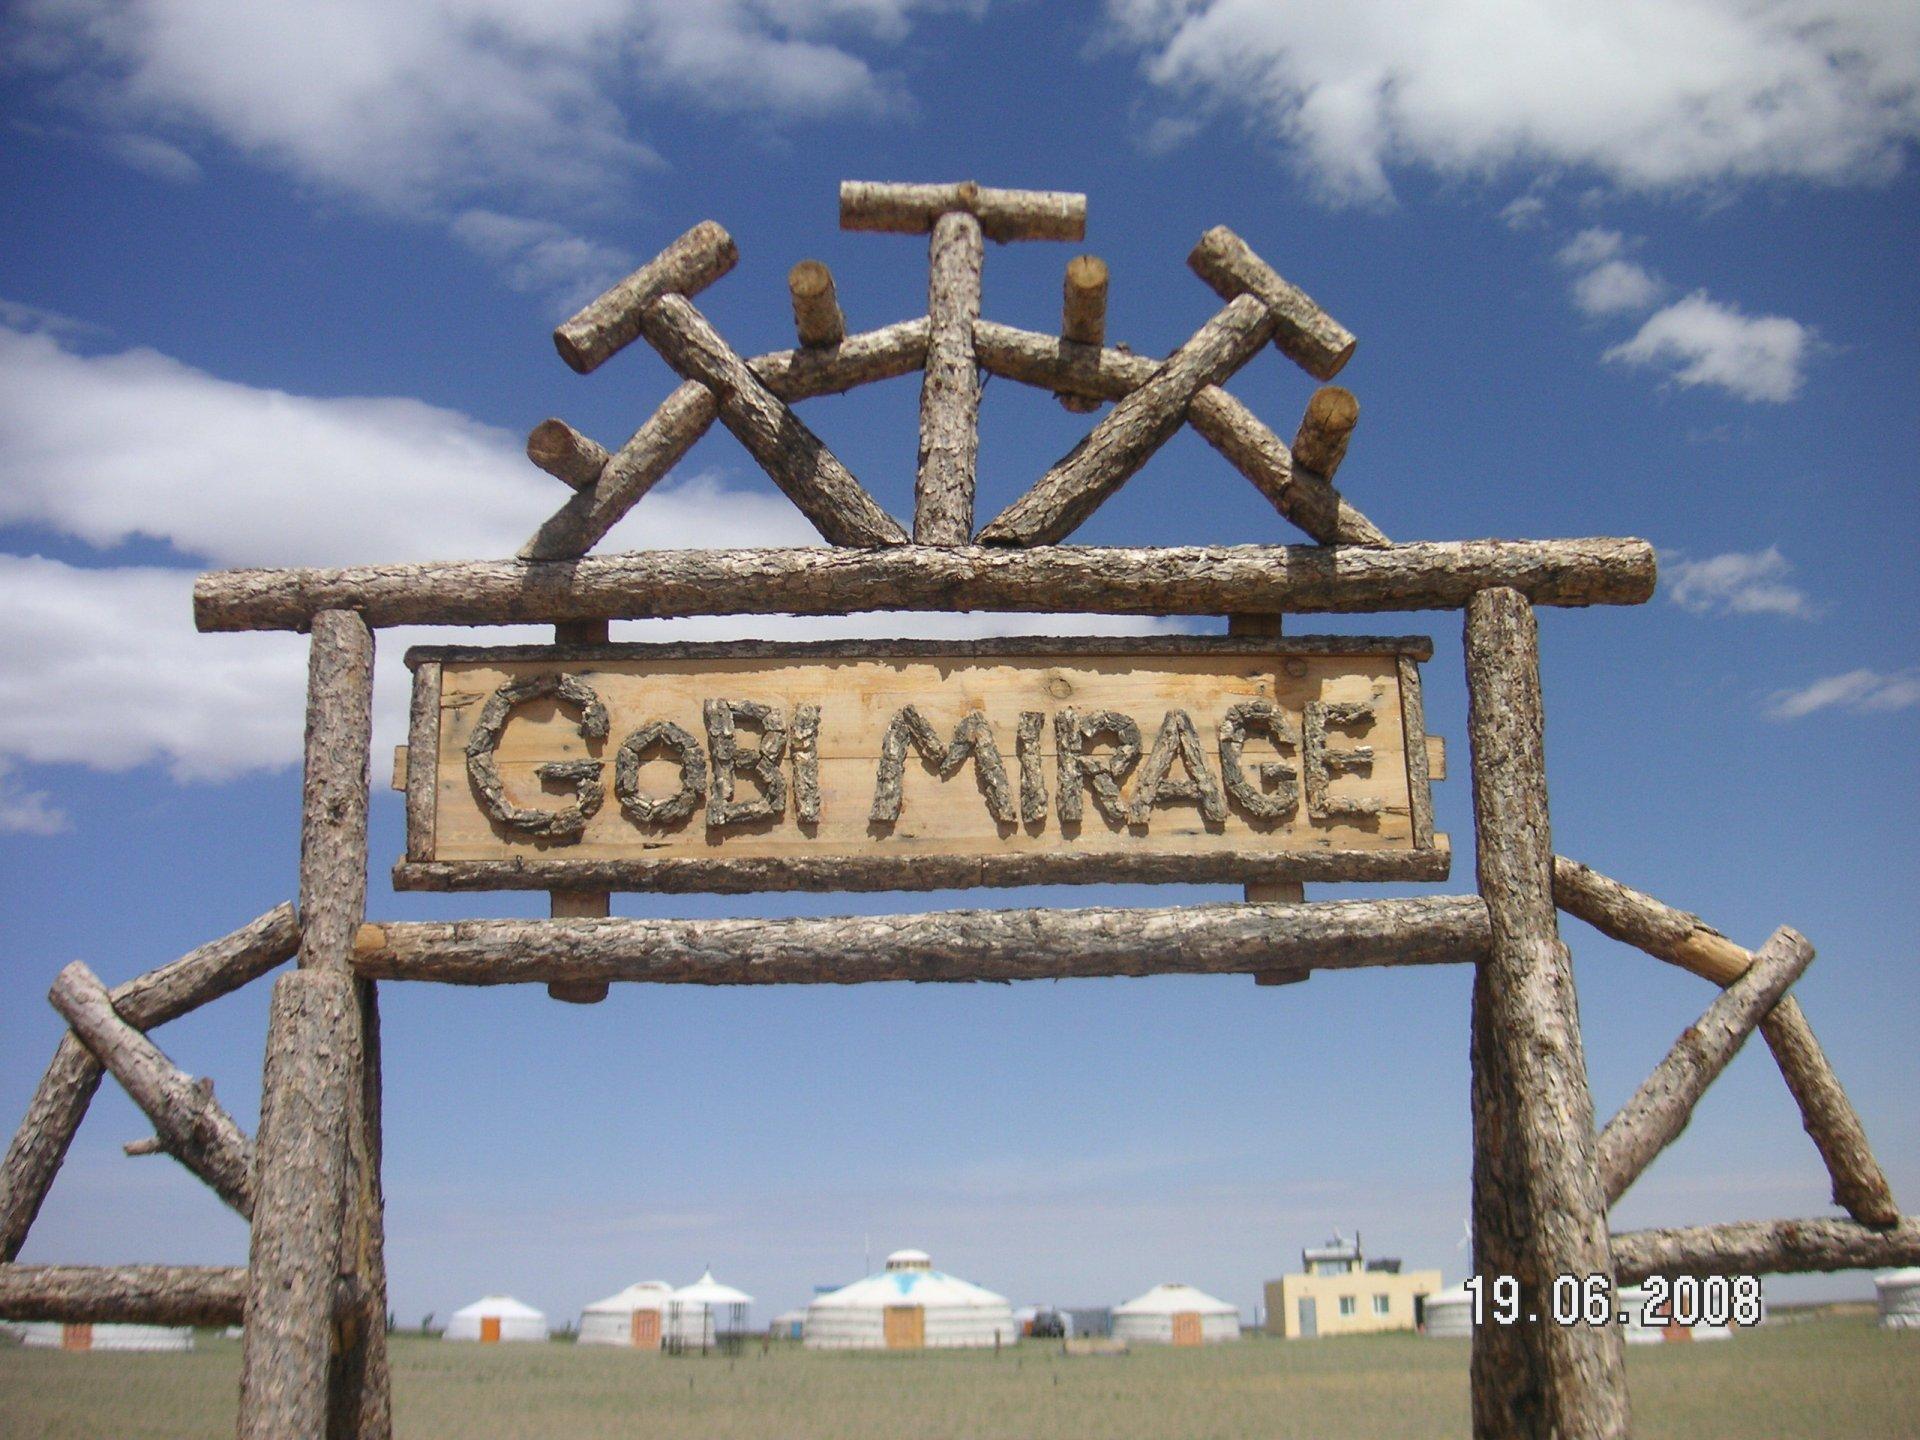 Gobi Mirage camp